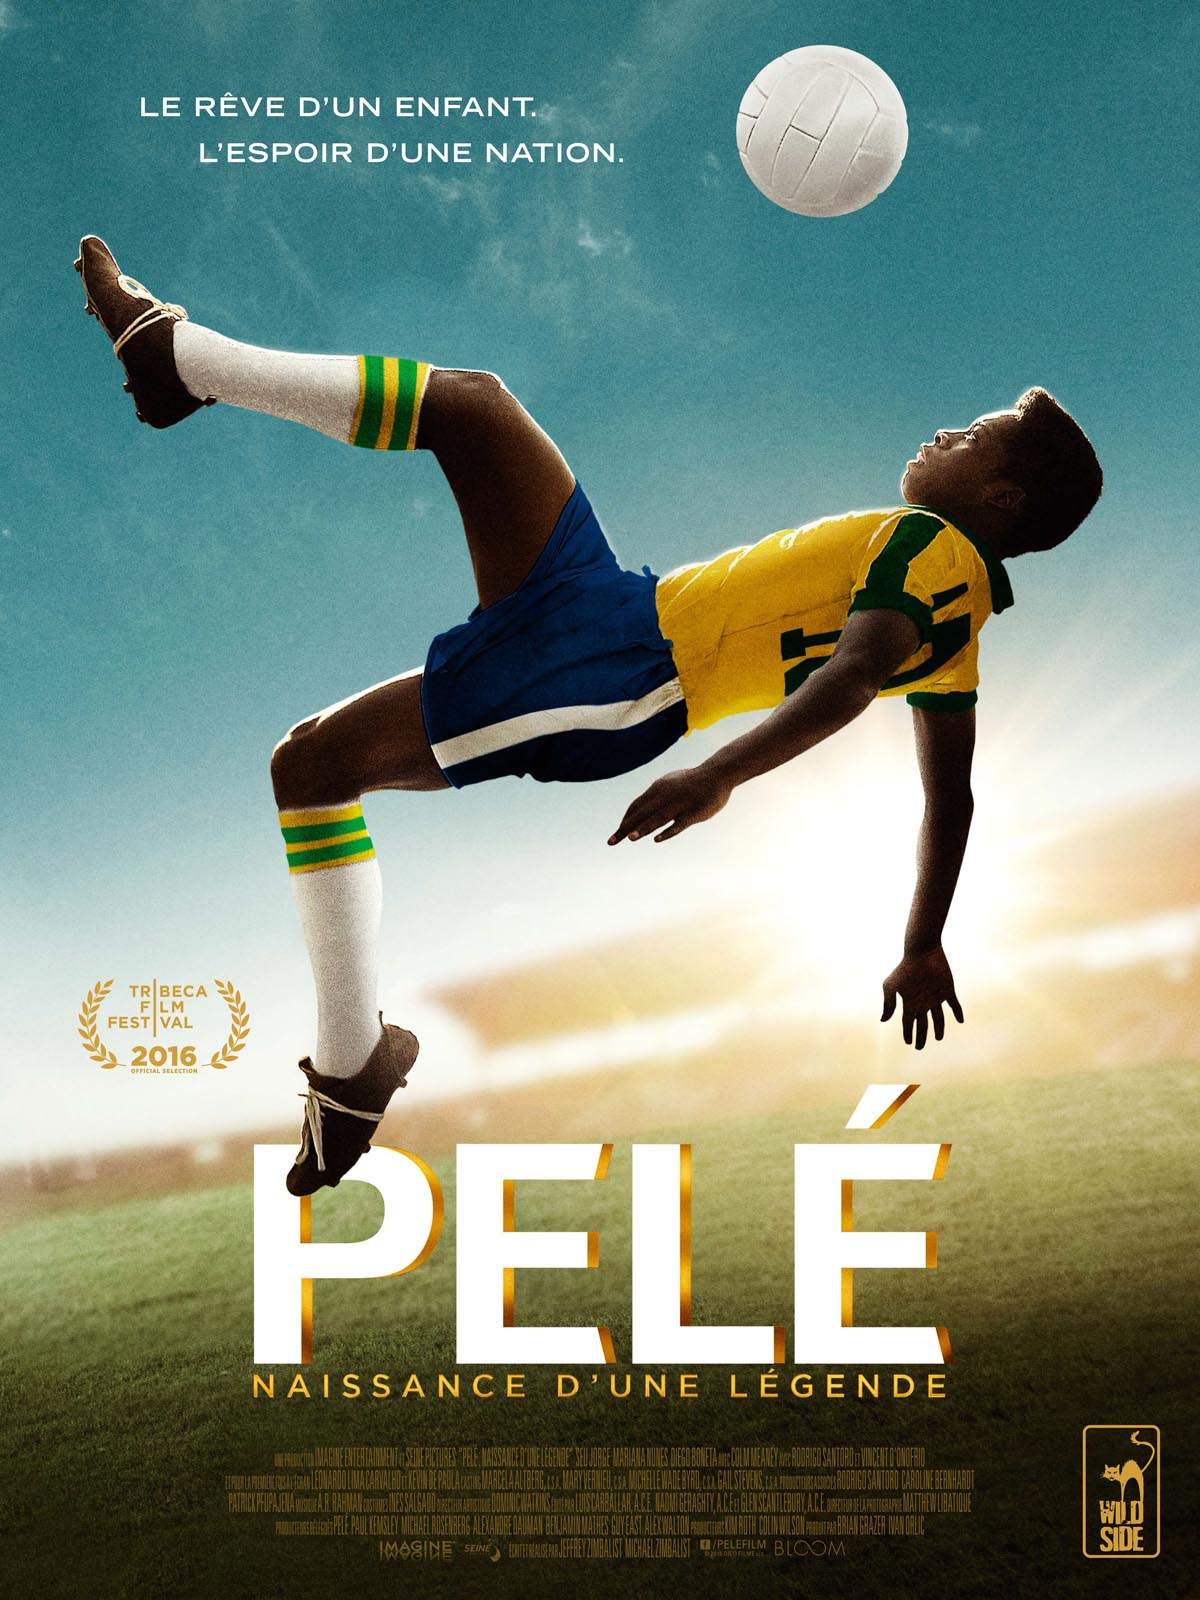 Pelé - naissance d'une légende